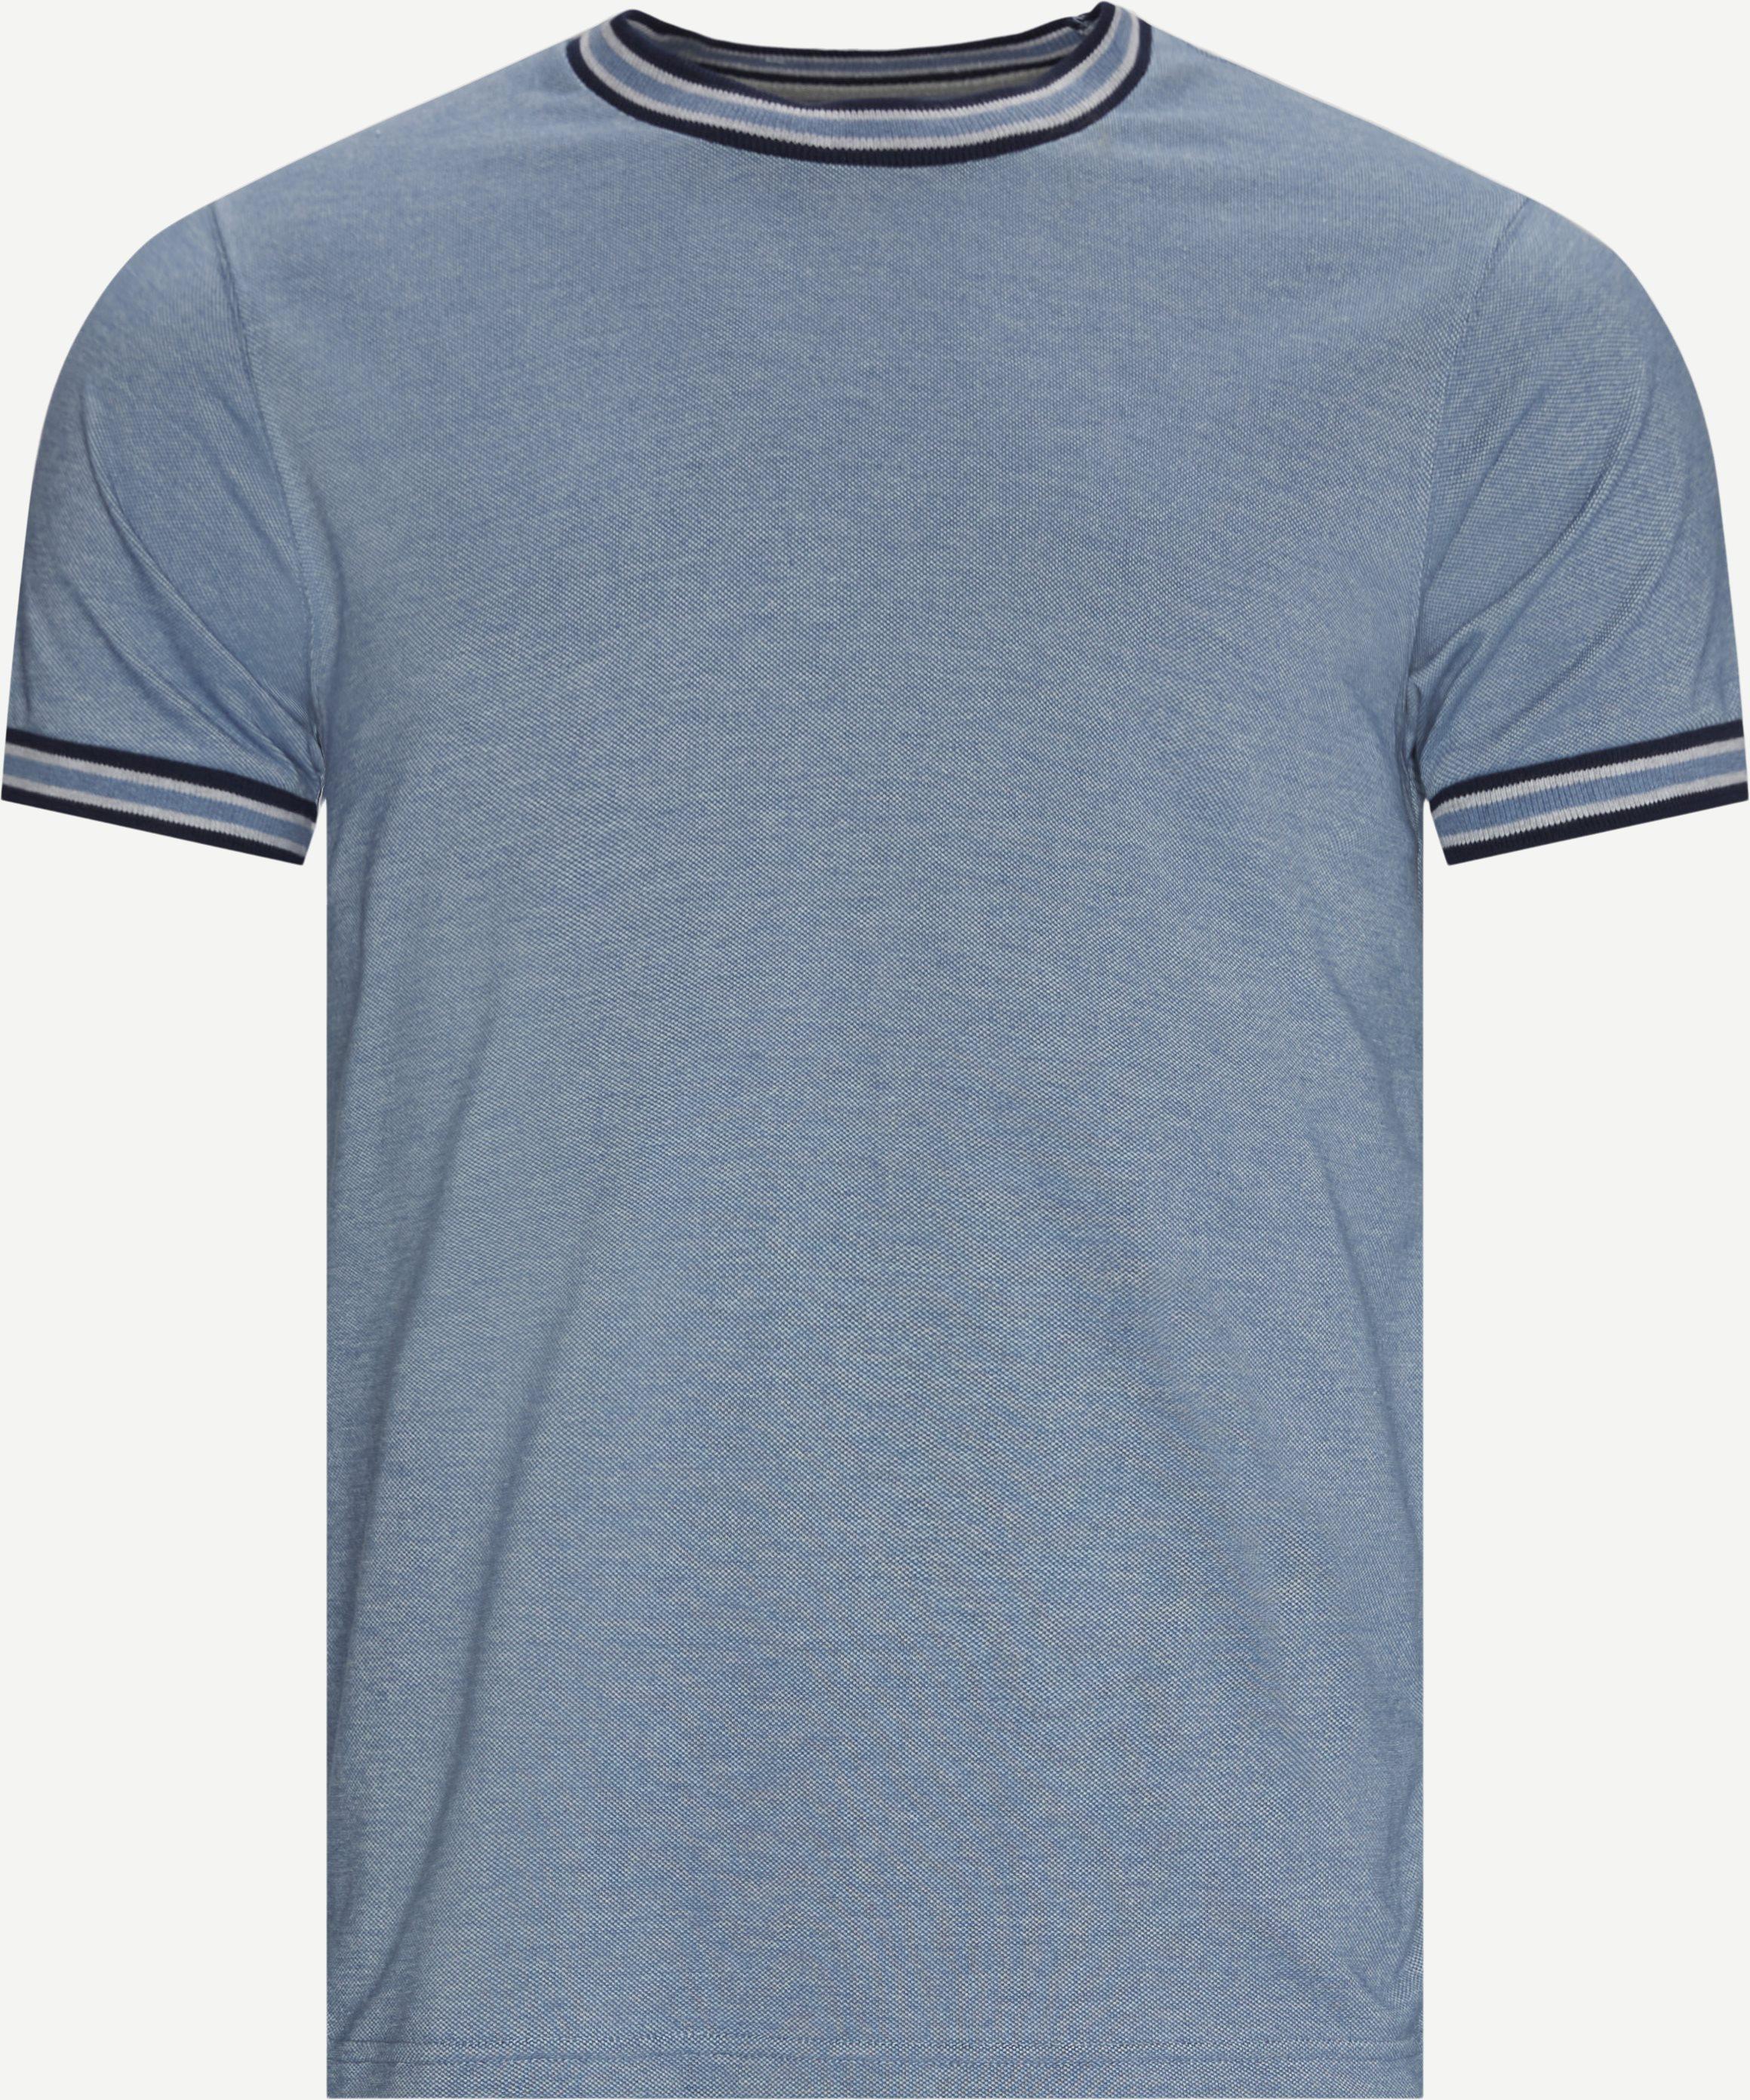 T-Shirts - Regular fit - Jeans-Blau